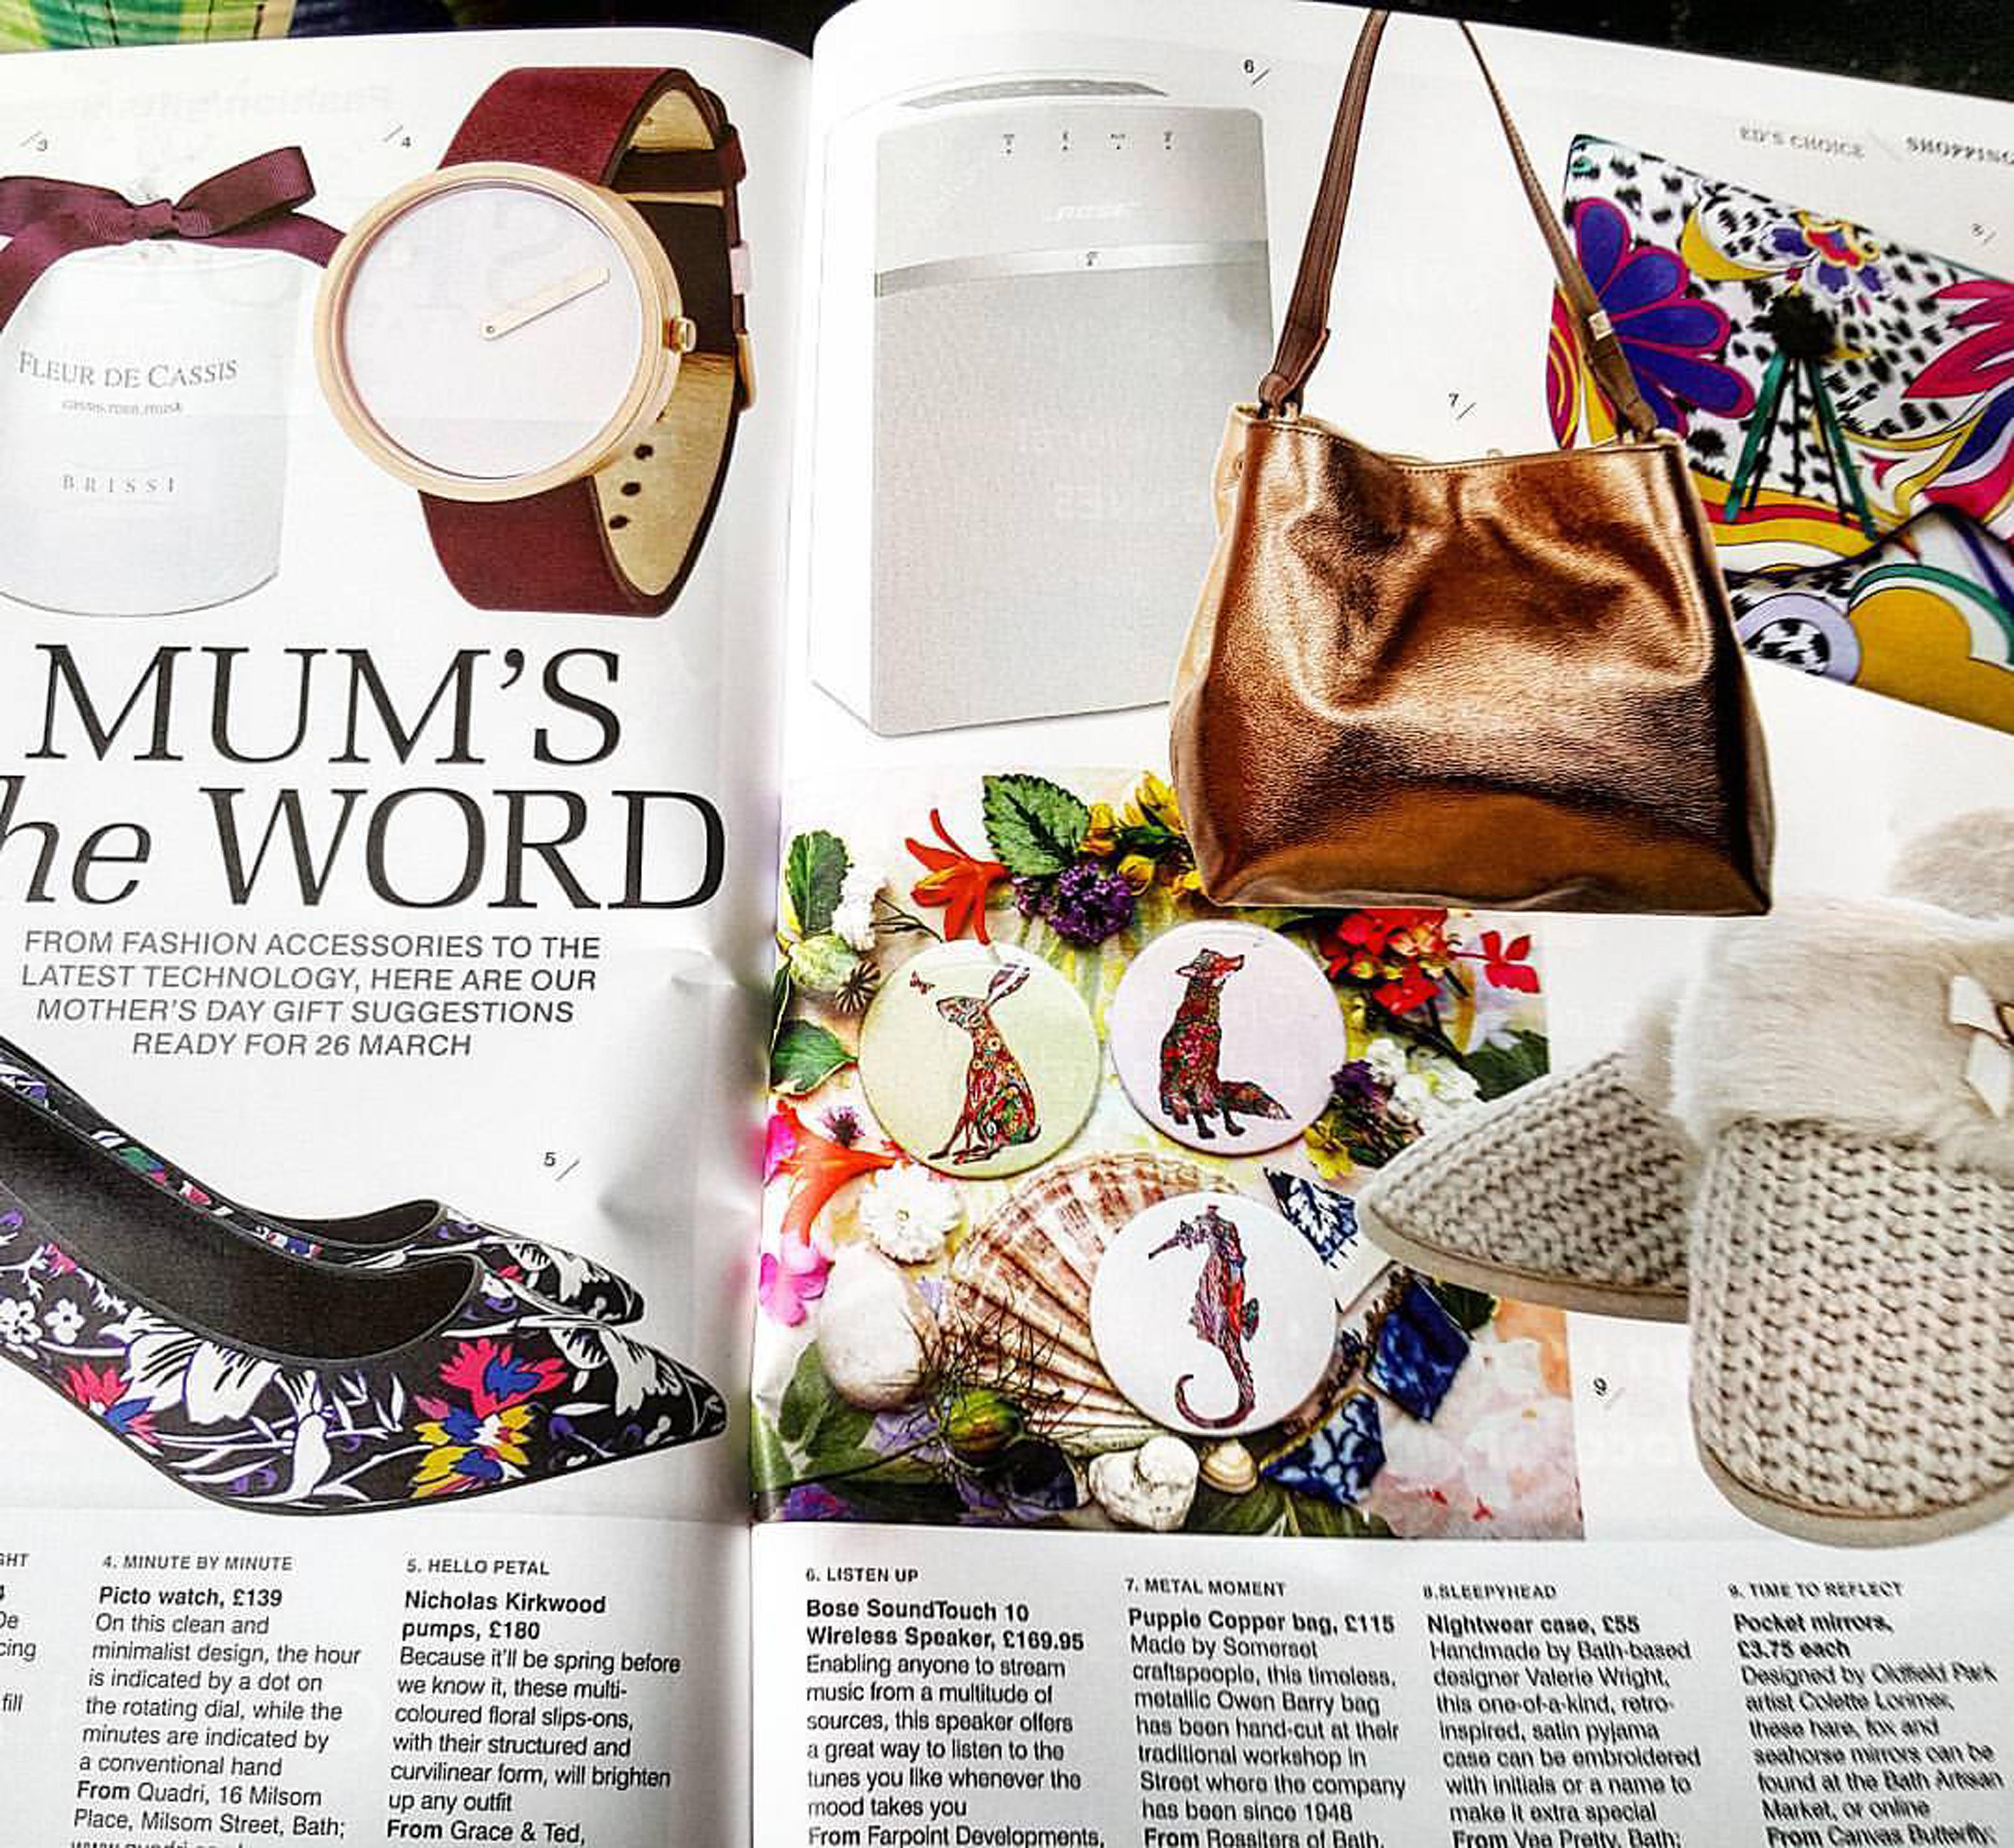 Bath Life Image from magazine